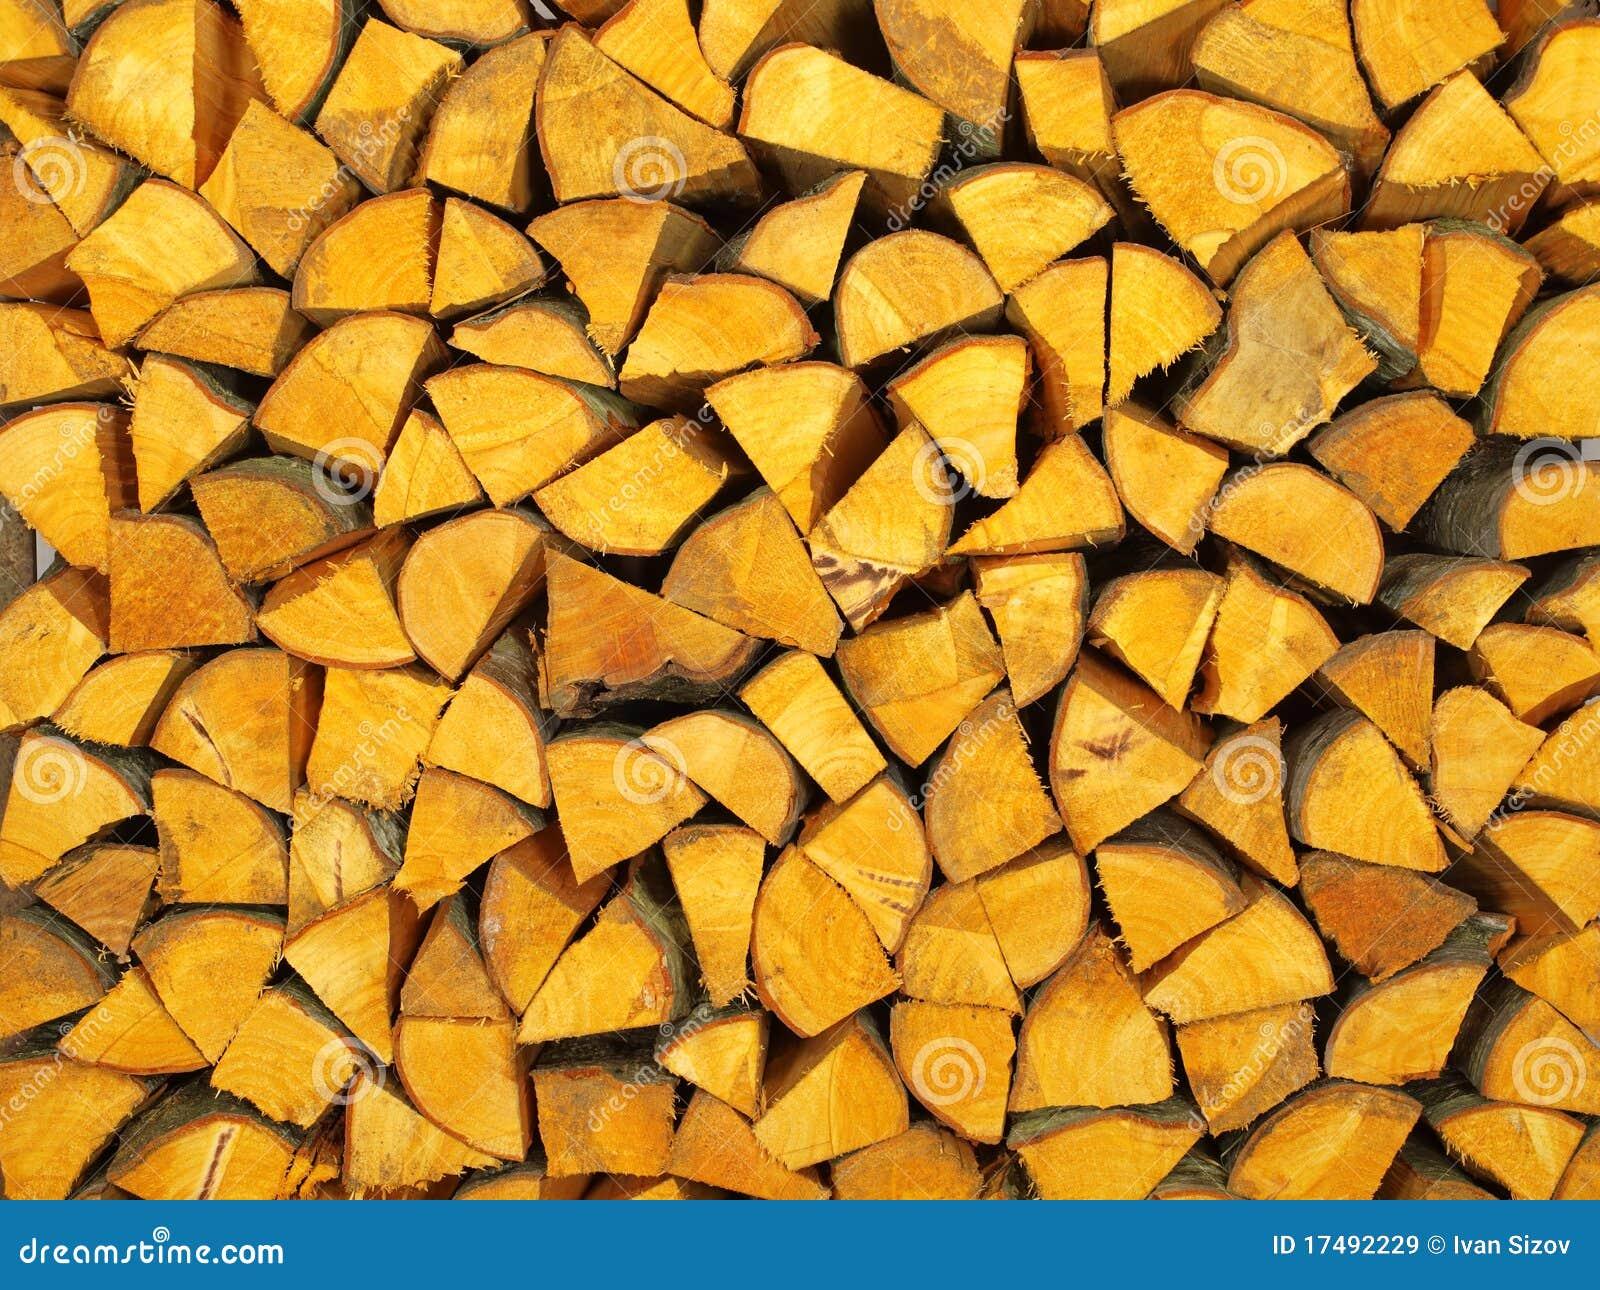 Bois de chauffage de bois d 39 aulne image stock image 17492229 - Aulne bois de chauffage ...